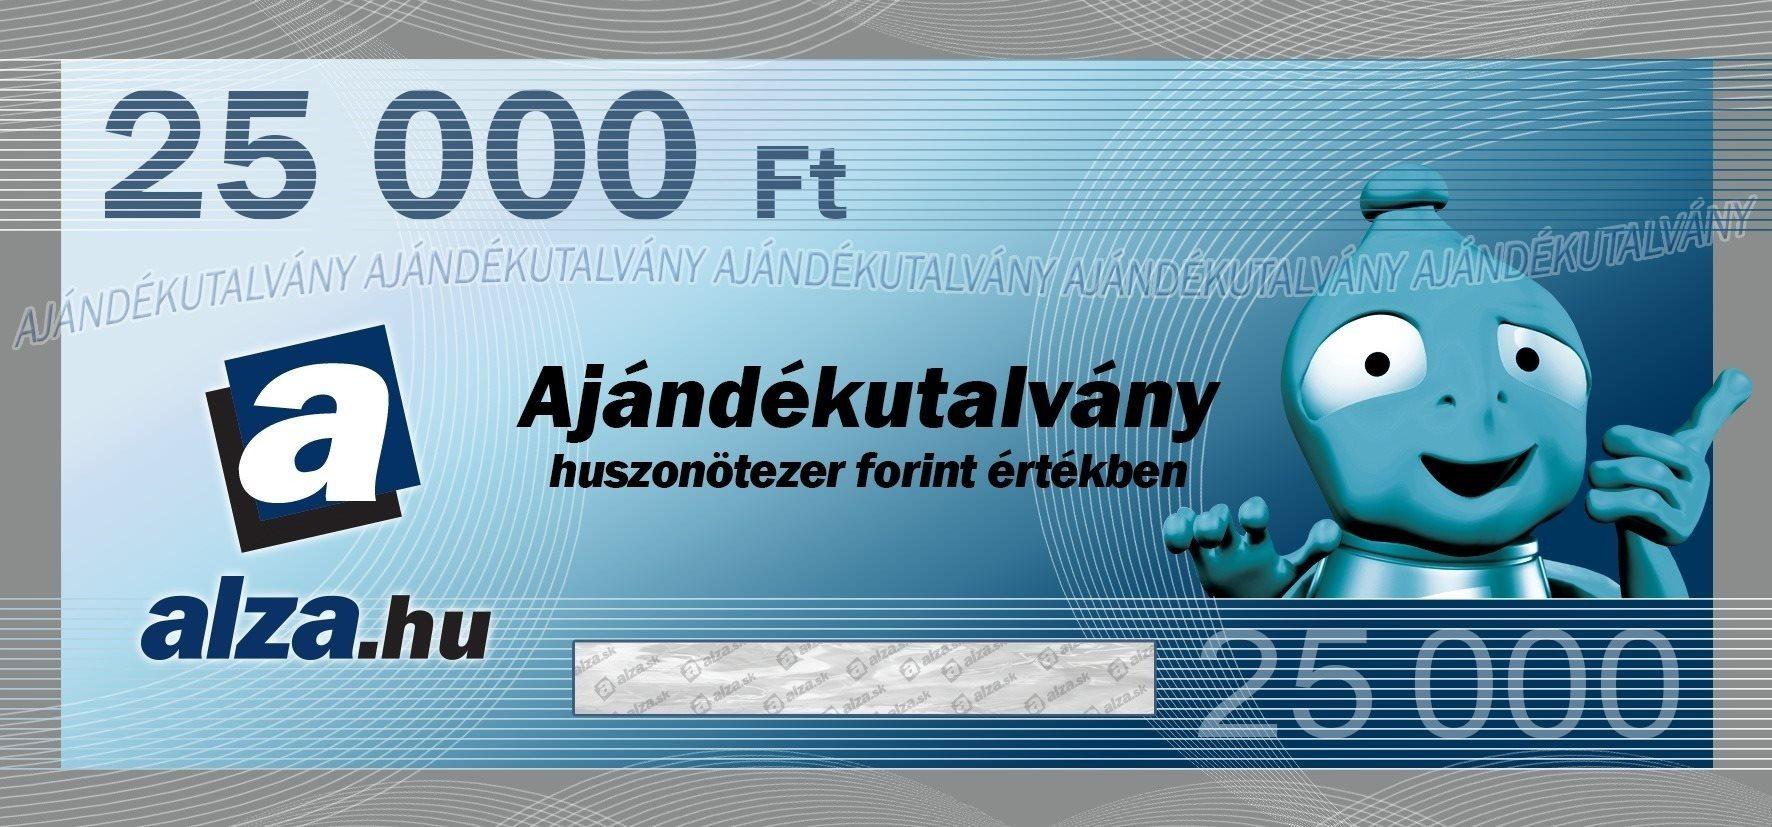 Elektronikus Alza.hu ajándékutalvány 25000 Ft értékben